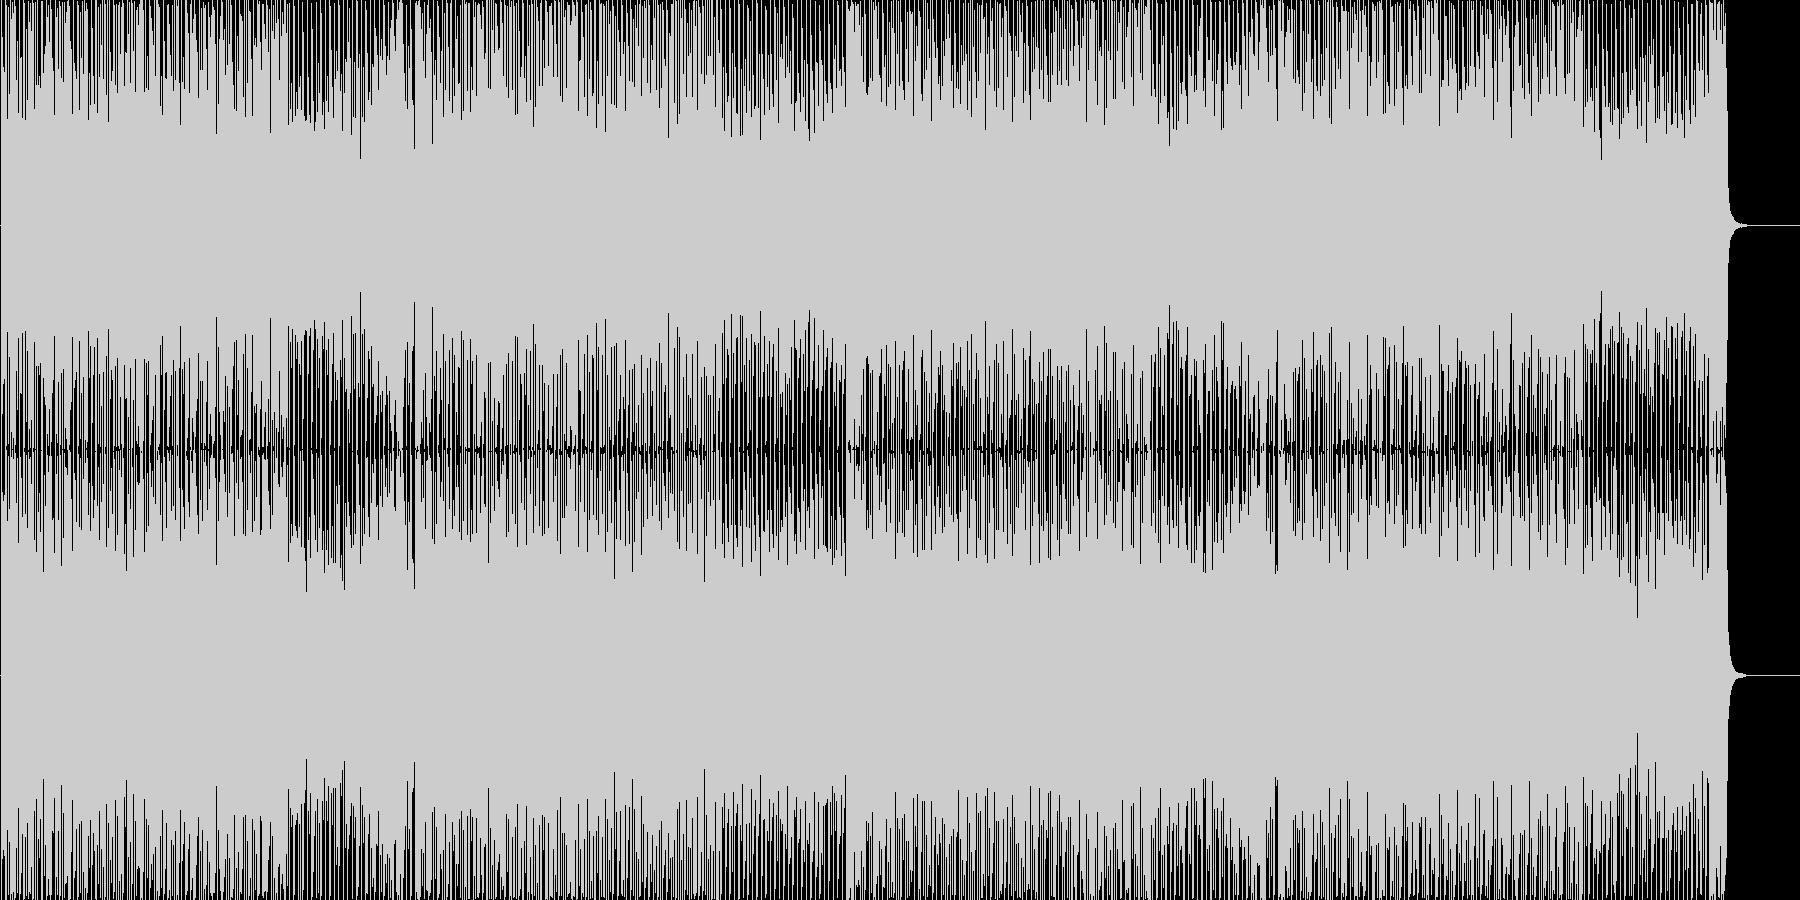 ダンス/懐かしさ/オケヒット/ディスコの未再生の波形